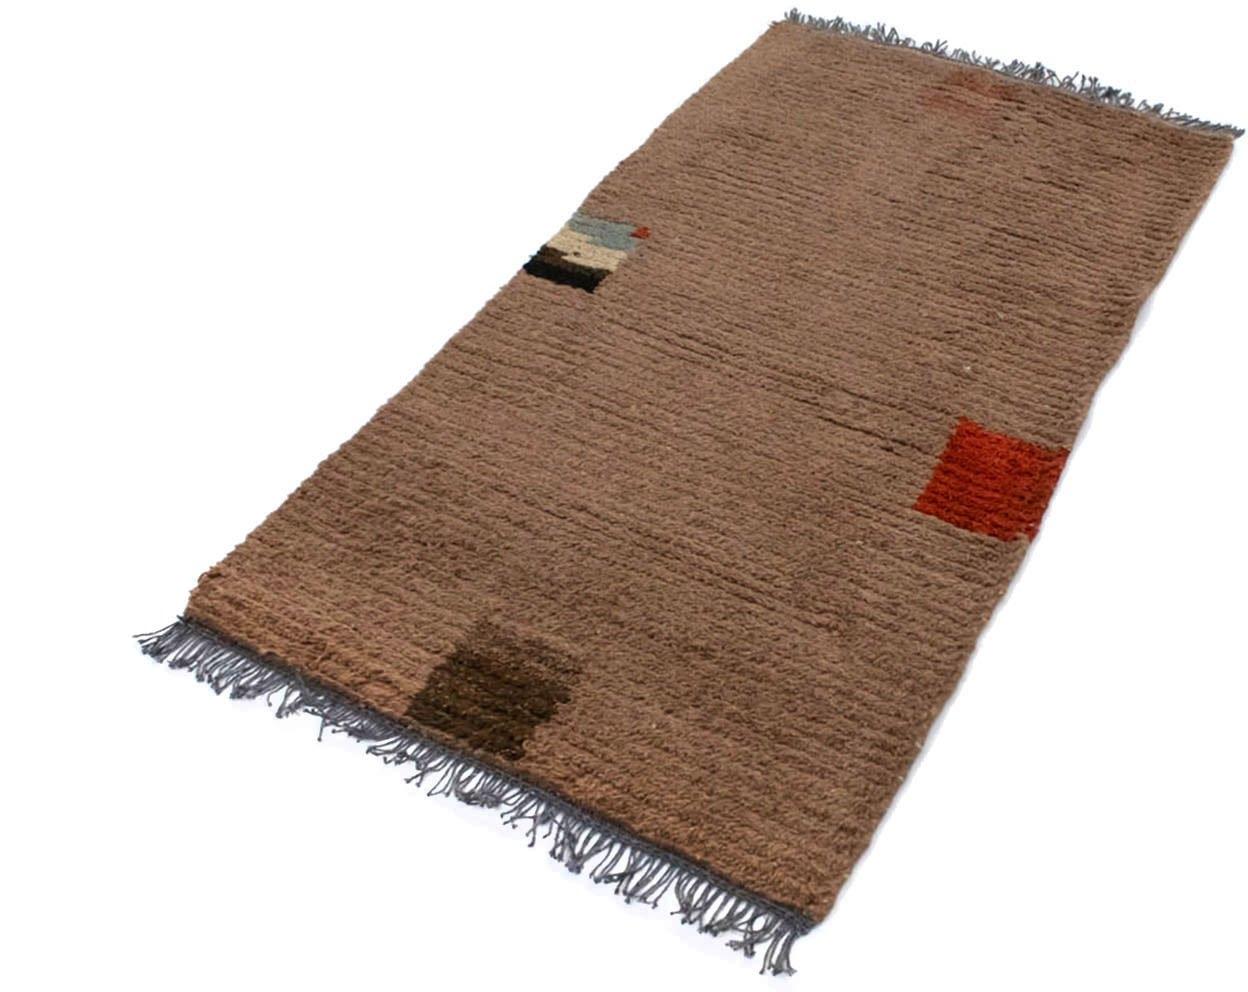 morgenland wollen kleed Nepal Teppich handgeknüpft braun handgeknoopt online kopen op otto.nl